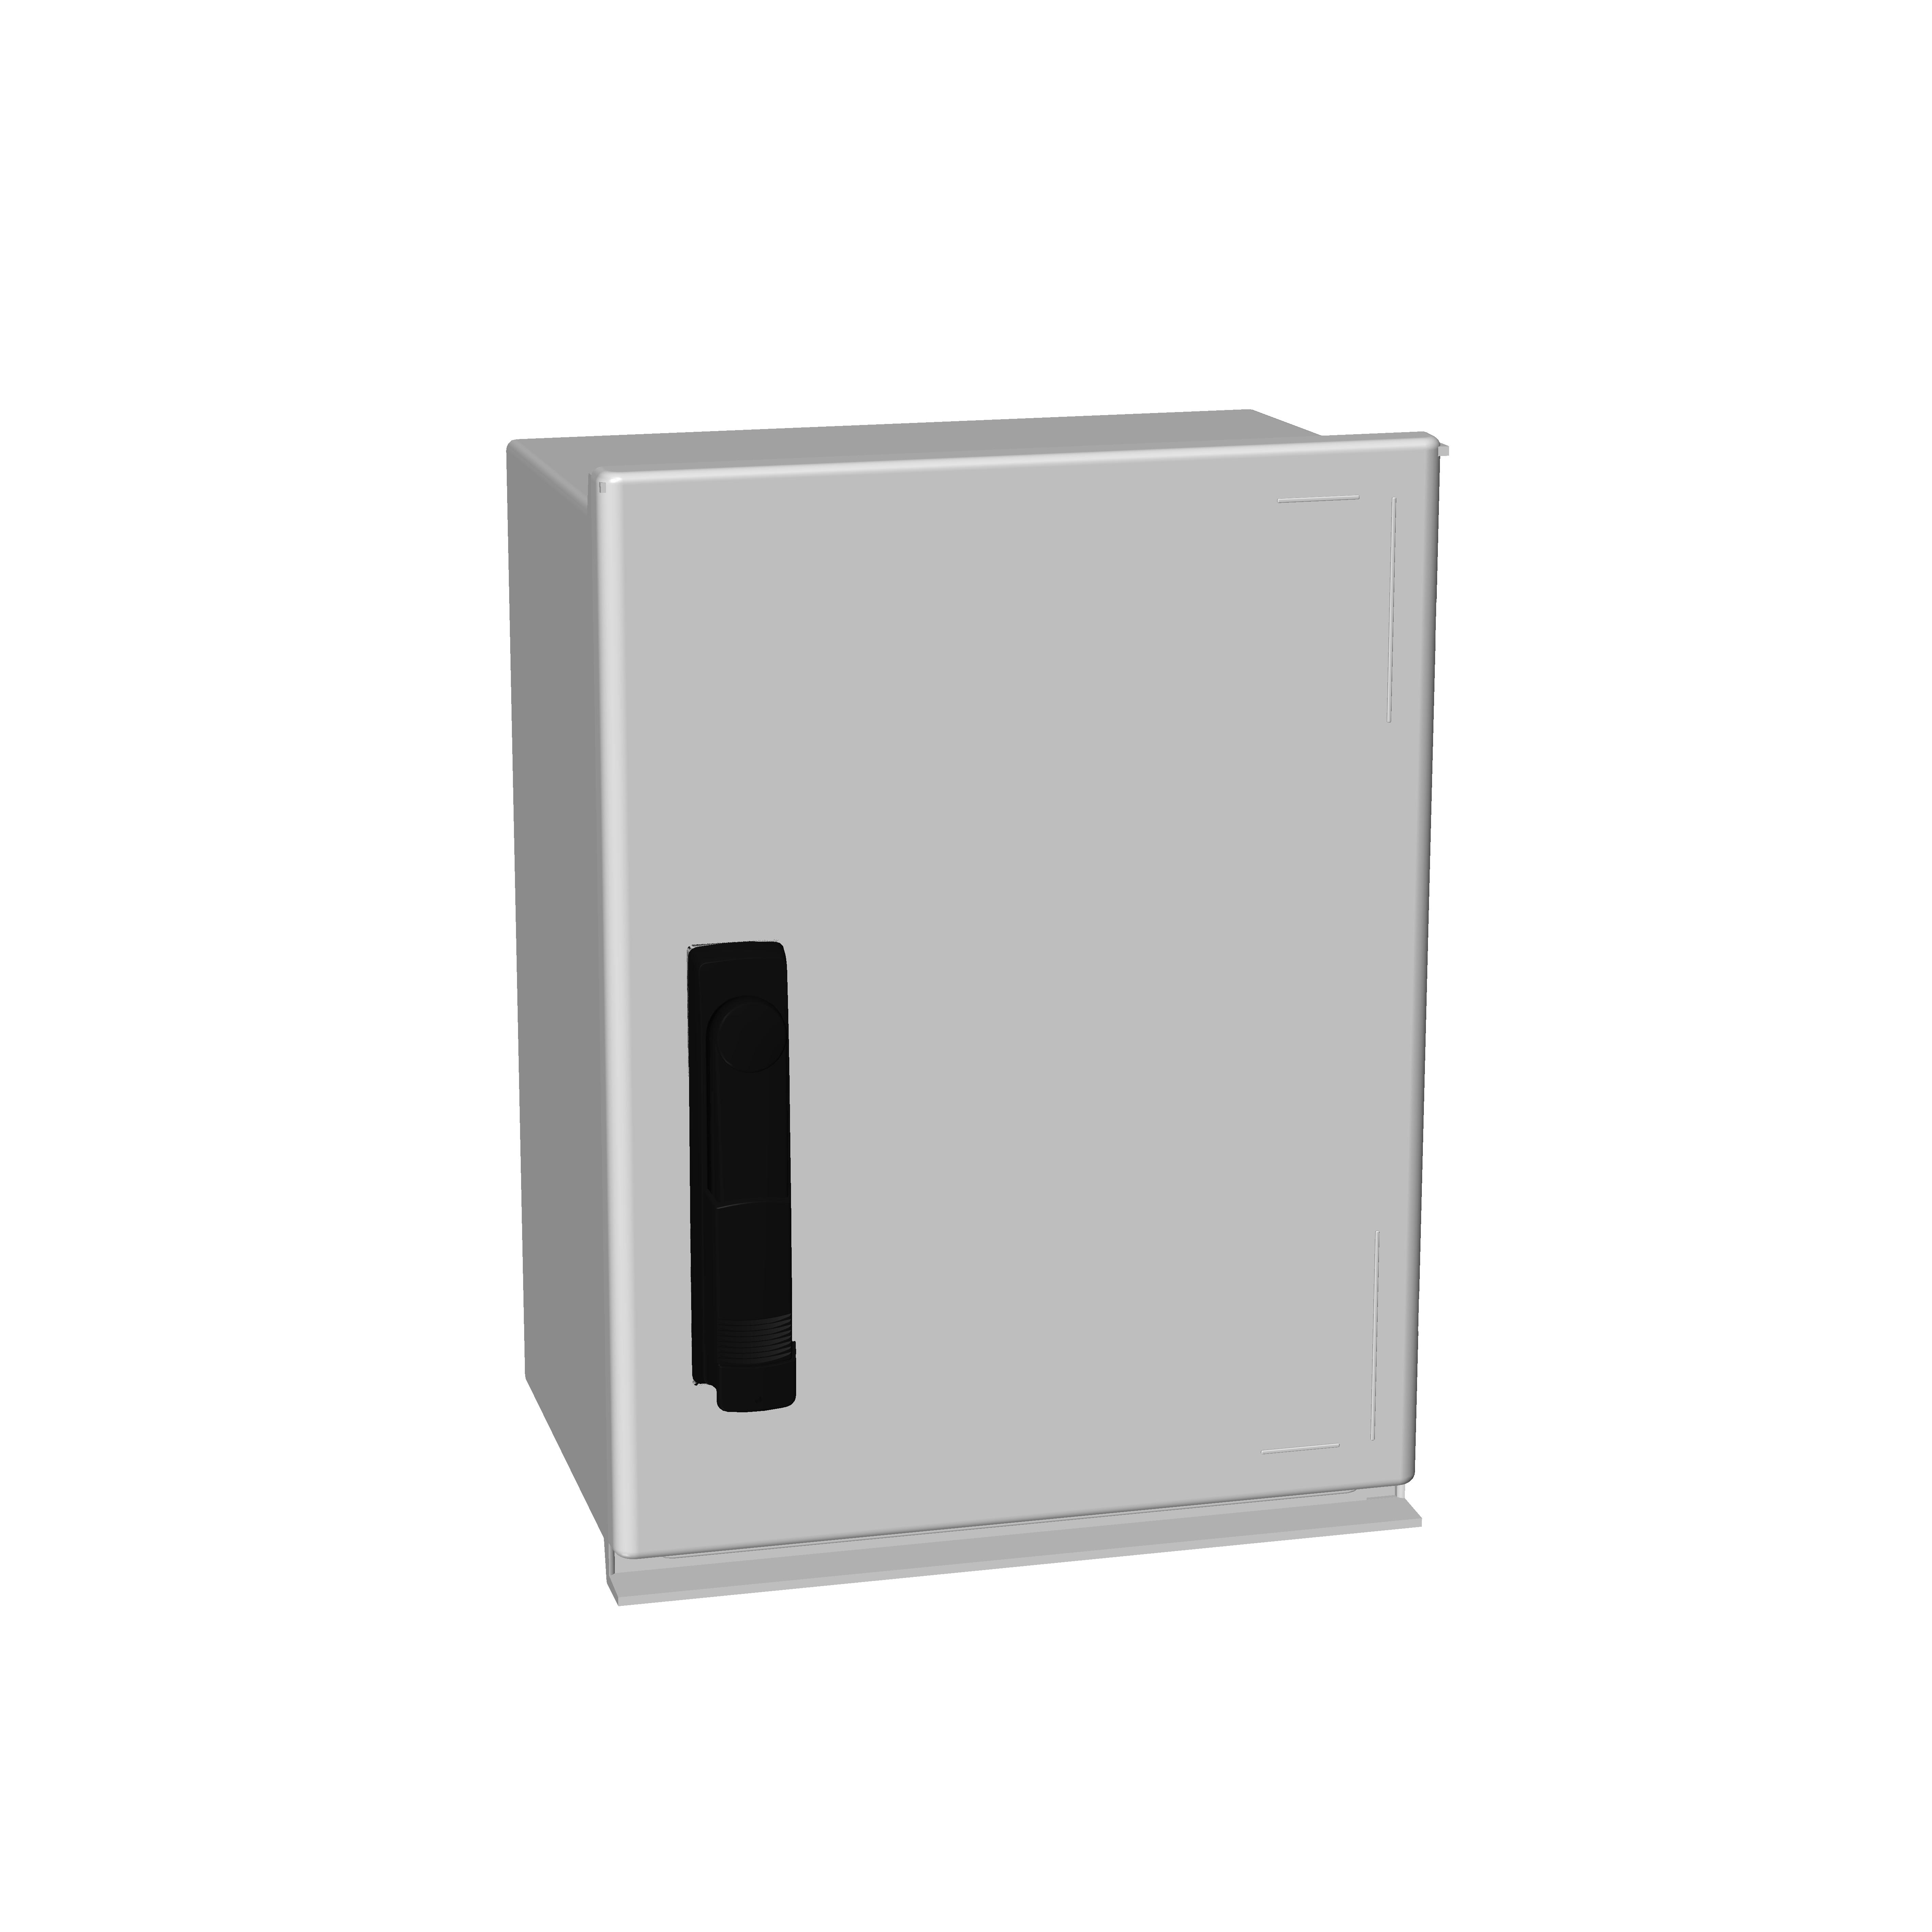 1 Stk Minipol-Wandschrank 3-Punkt Stangenverschl. 400x300x200mm IM088843--